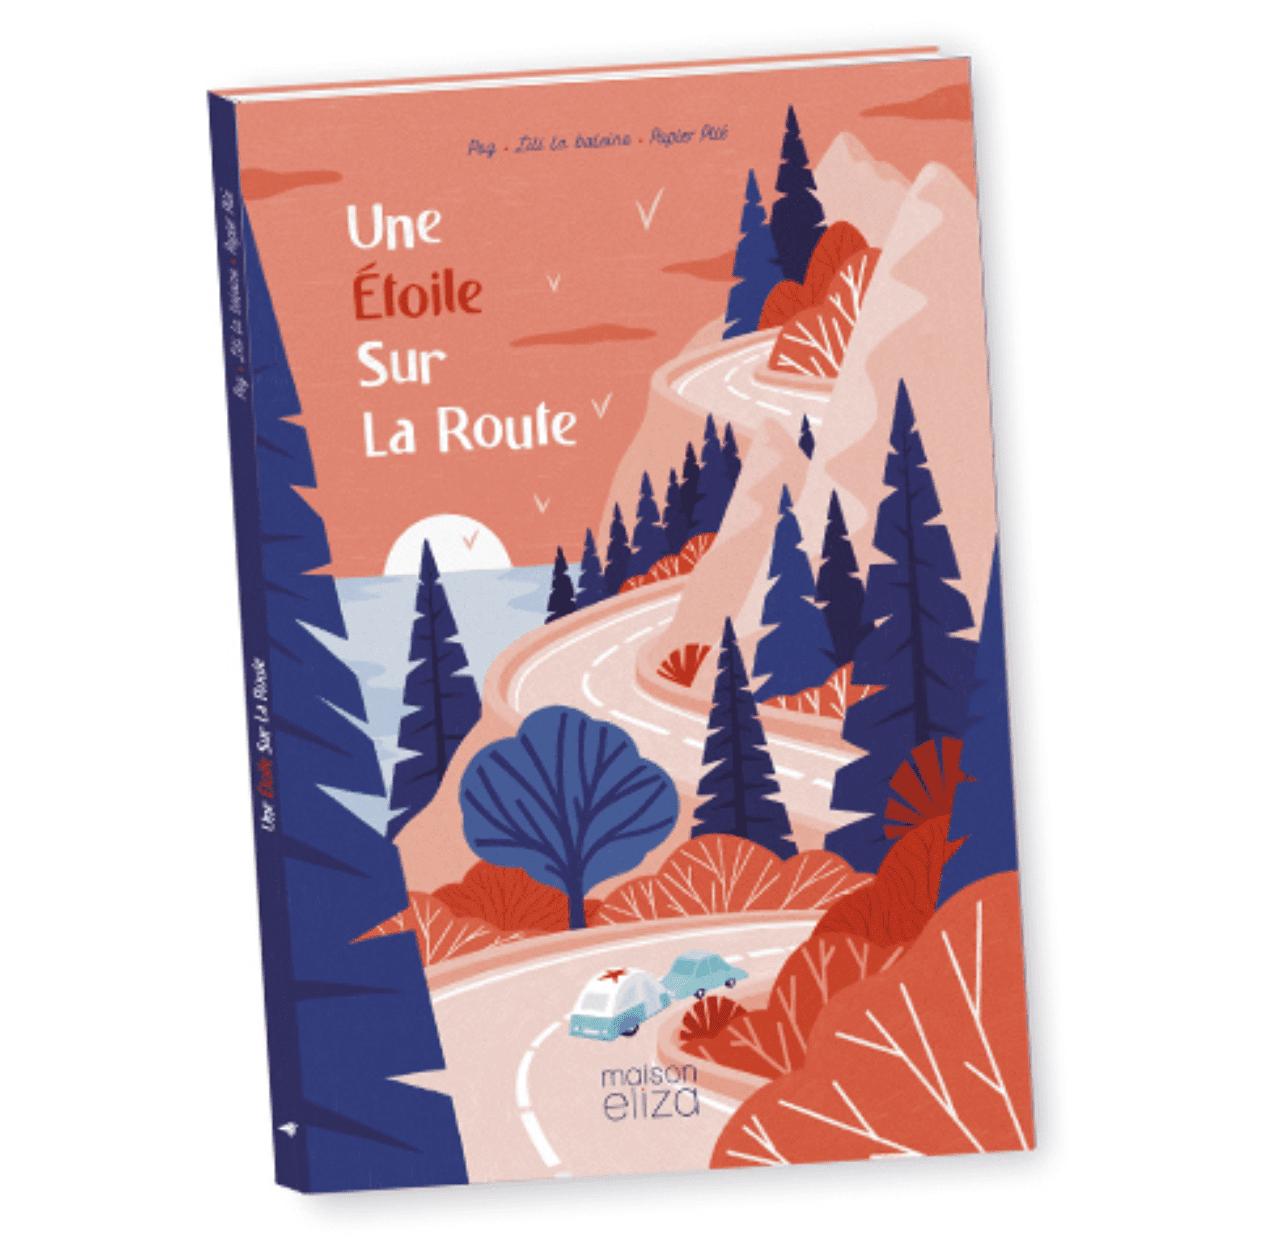 Une étoile sur la route, un livre pour enfants signé Maison Eliza